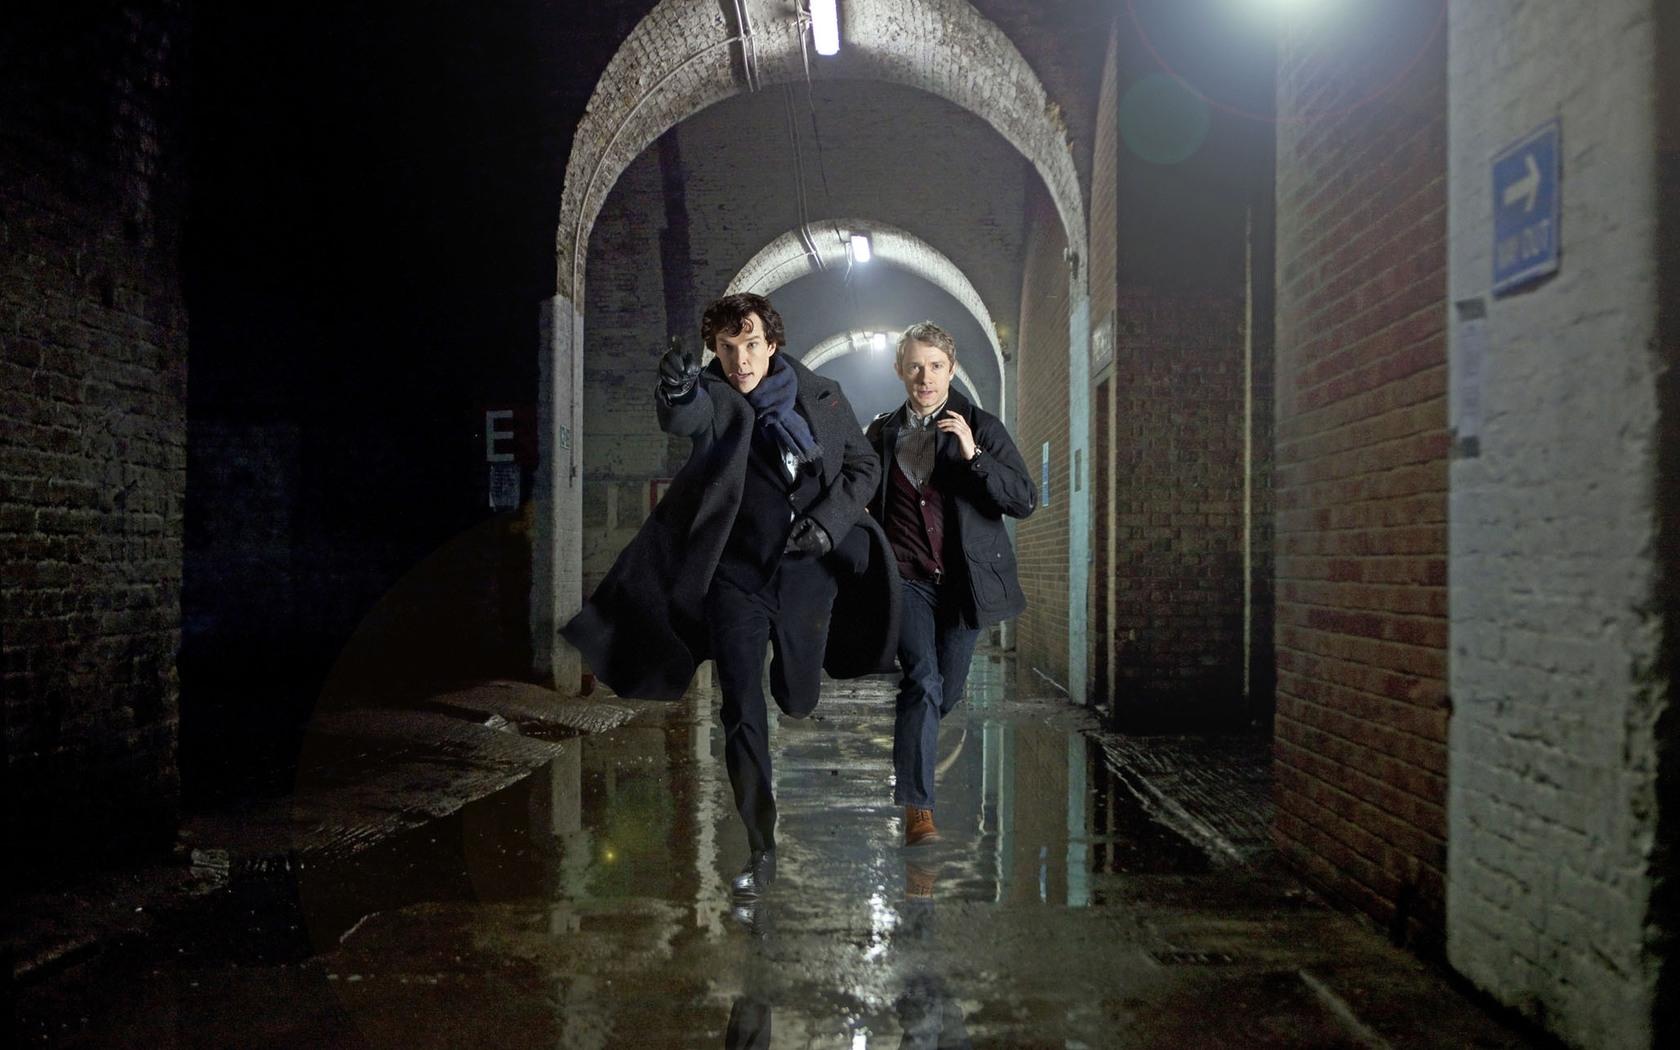 Téléchargez des papiers peints mobile Hommes, Sherlock, Benedict Cumberbatch, Cinéma, Personnes, Acteurs gratuitement.